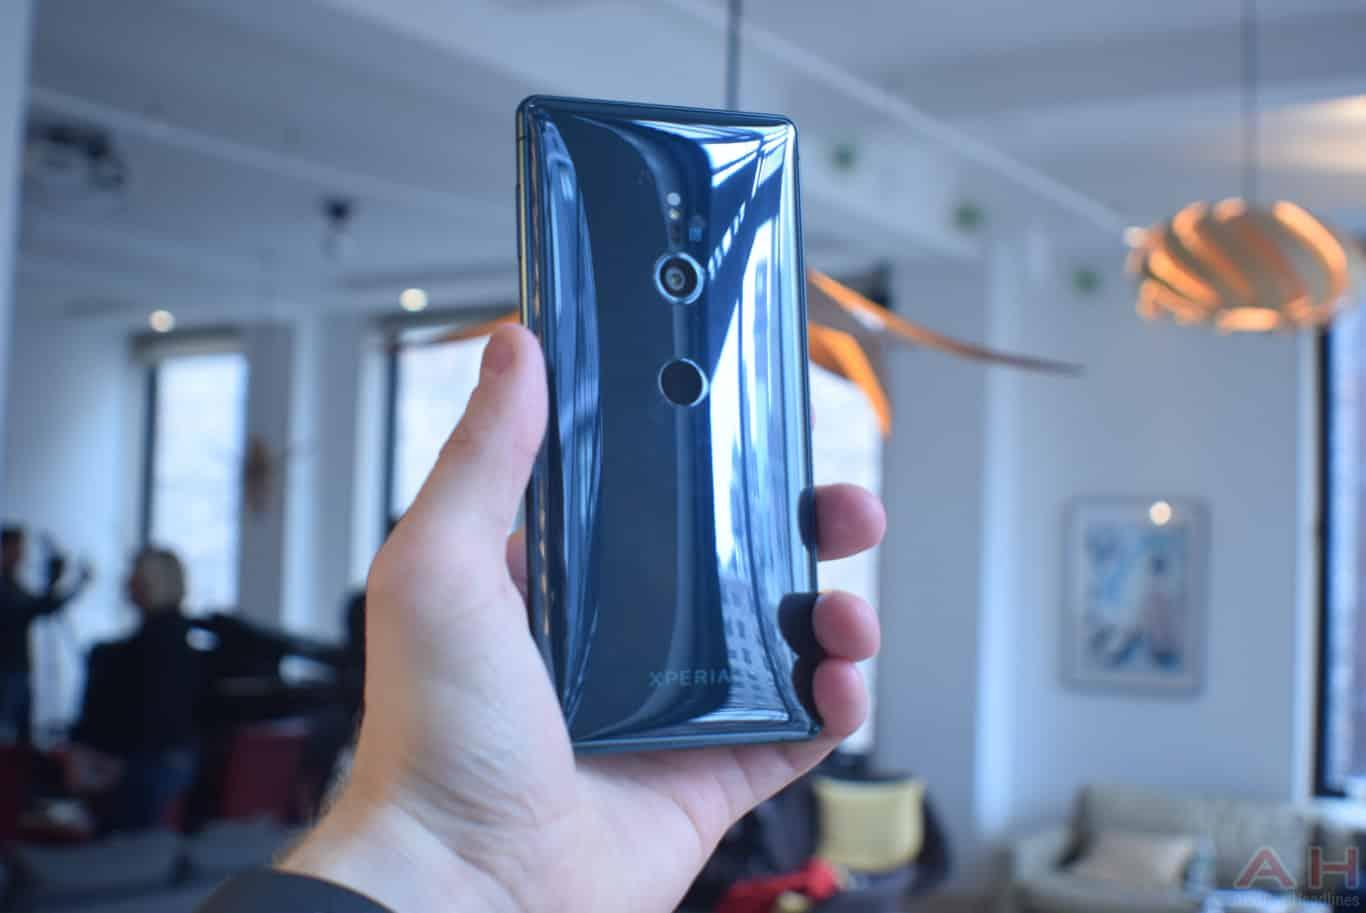 Sony Xperia XZ2 MWC 18 AM AH 2